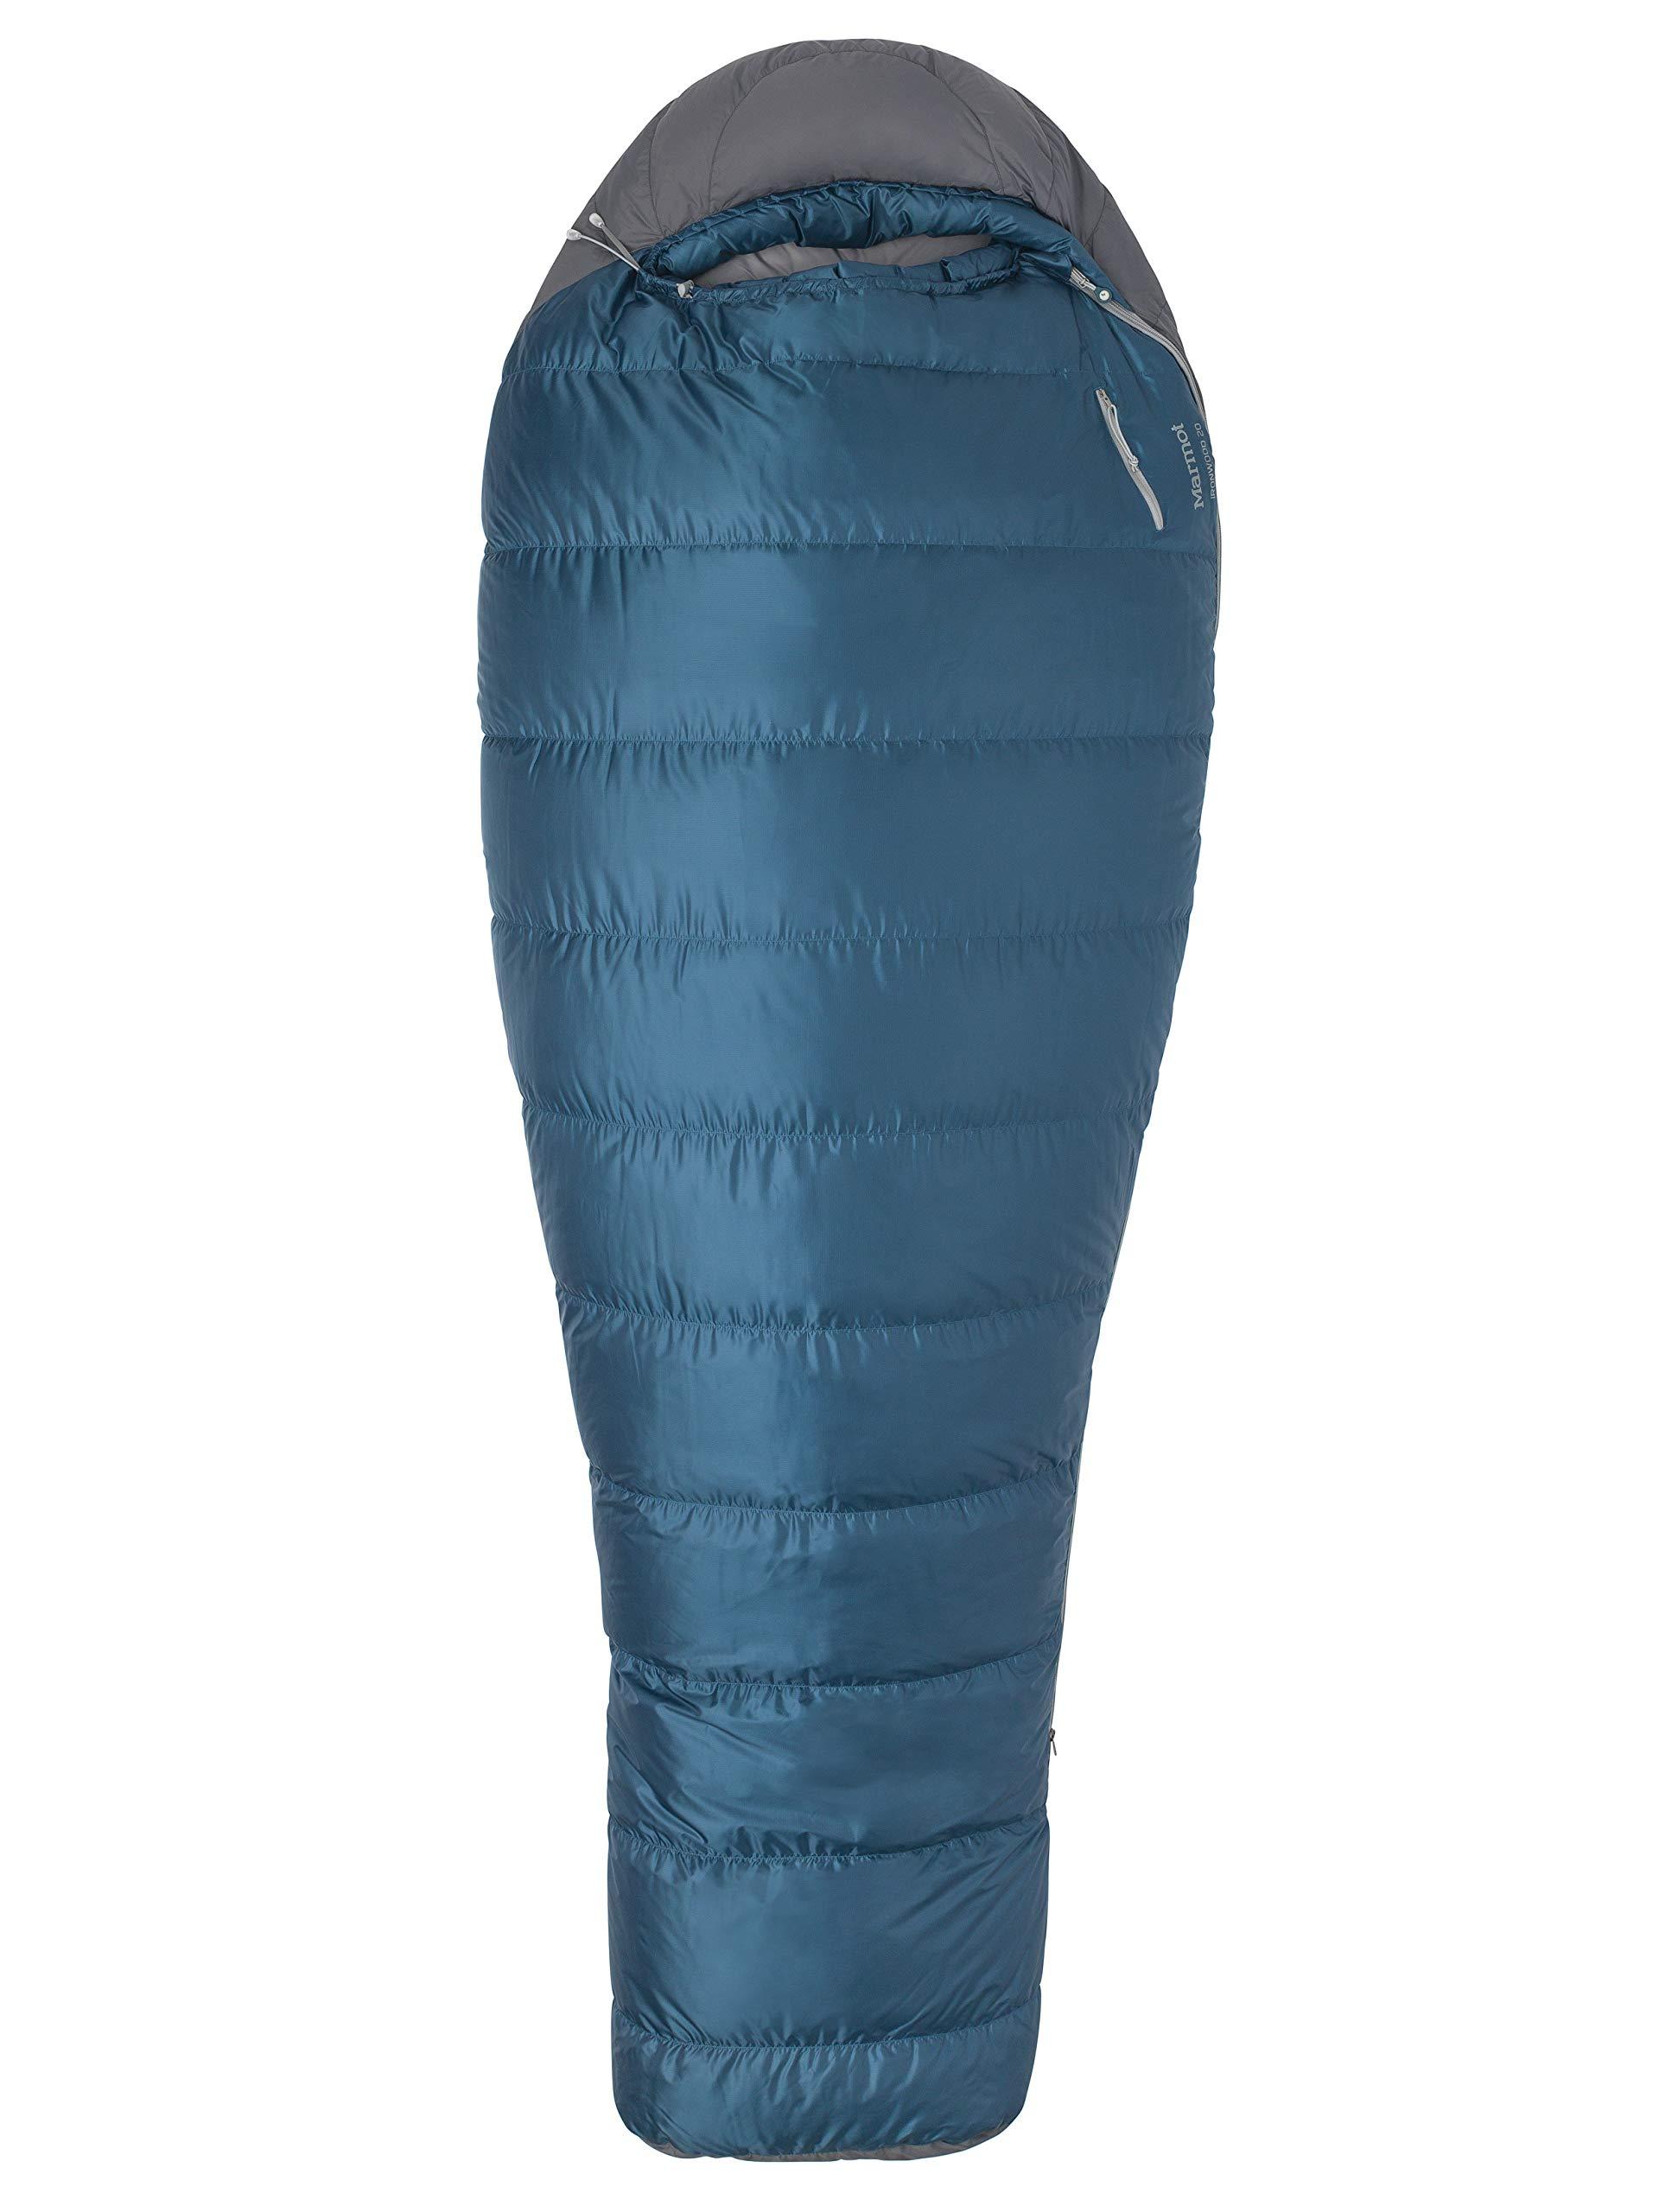 マーモットいろ20度、デニム/スチール瑪瑙に定格nwood 20ミイラ軽量寝袋